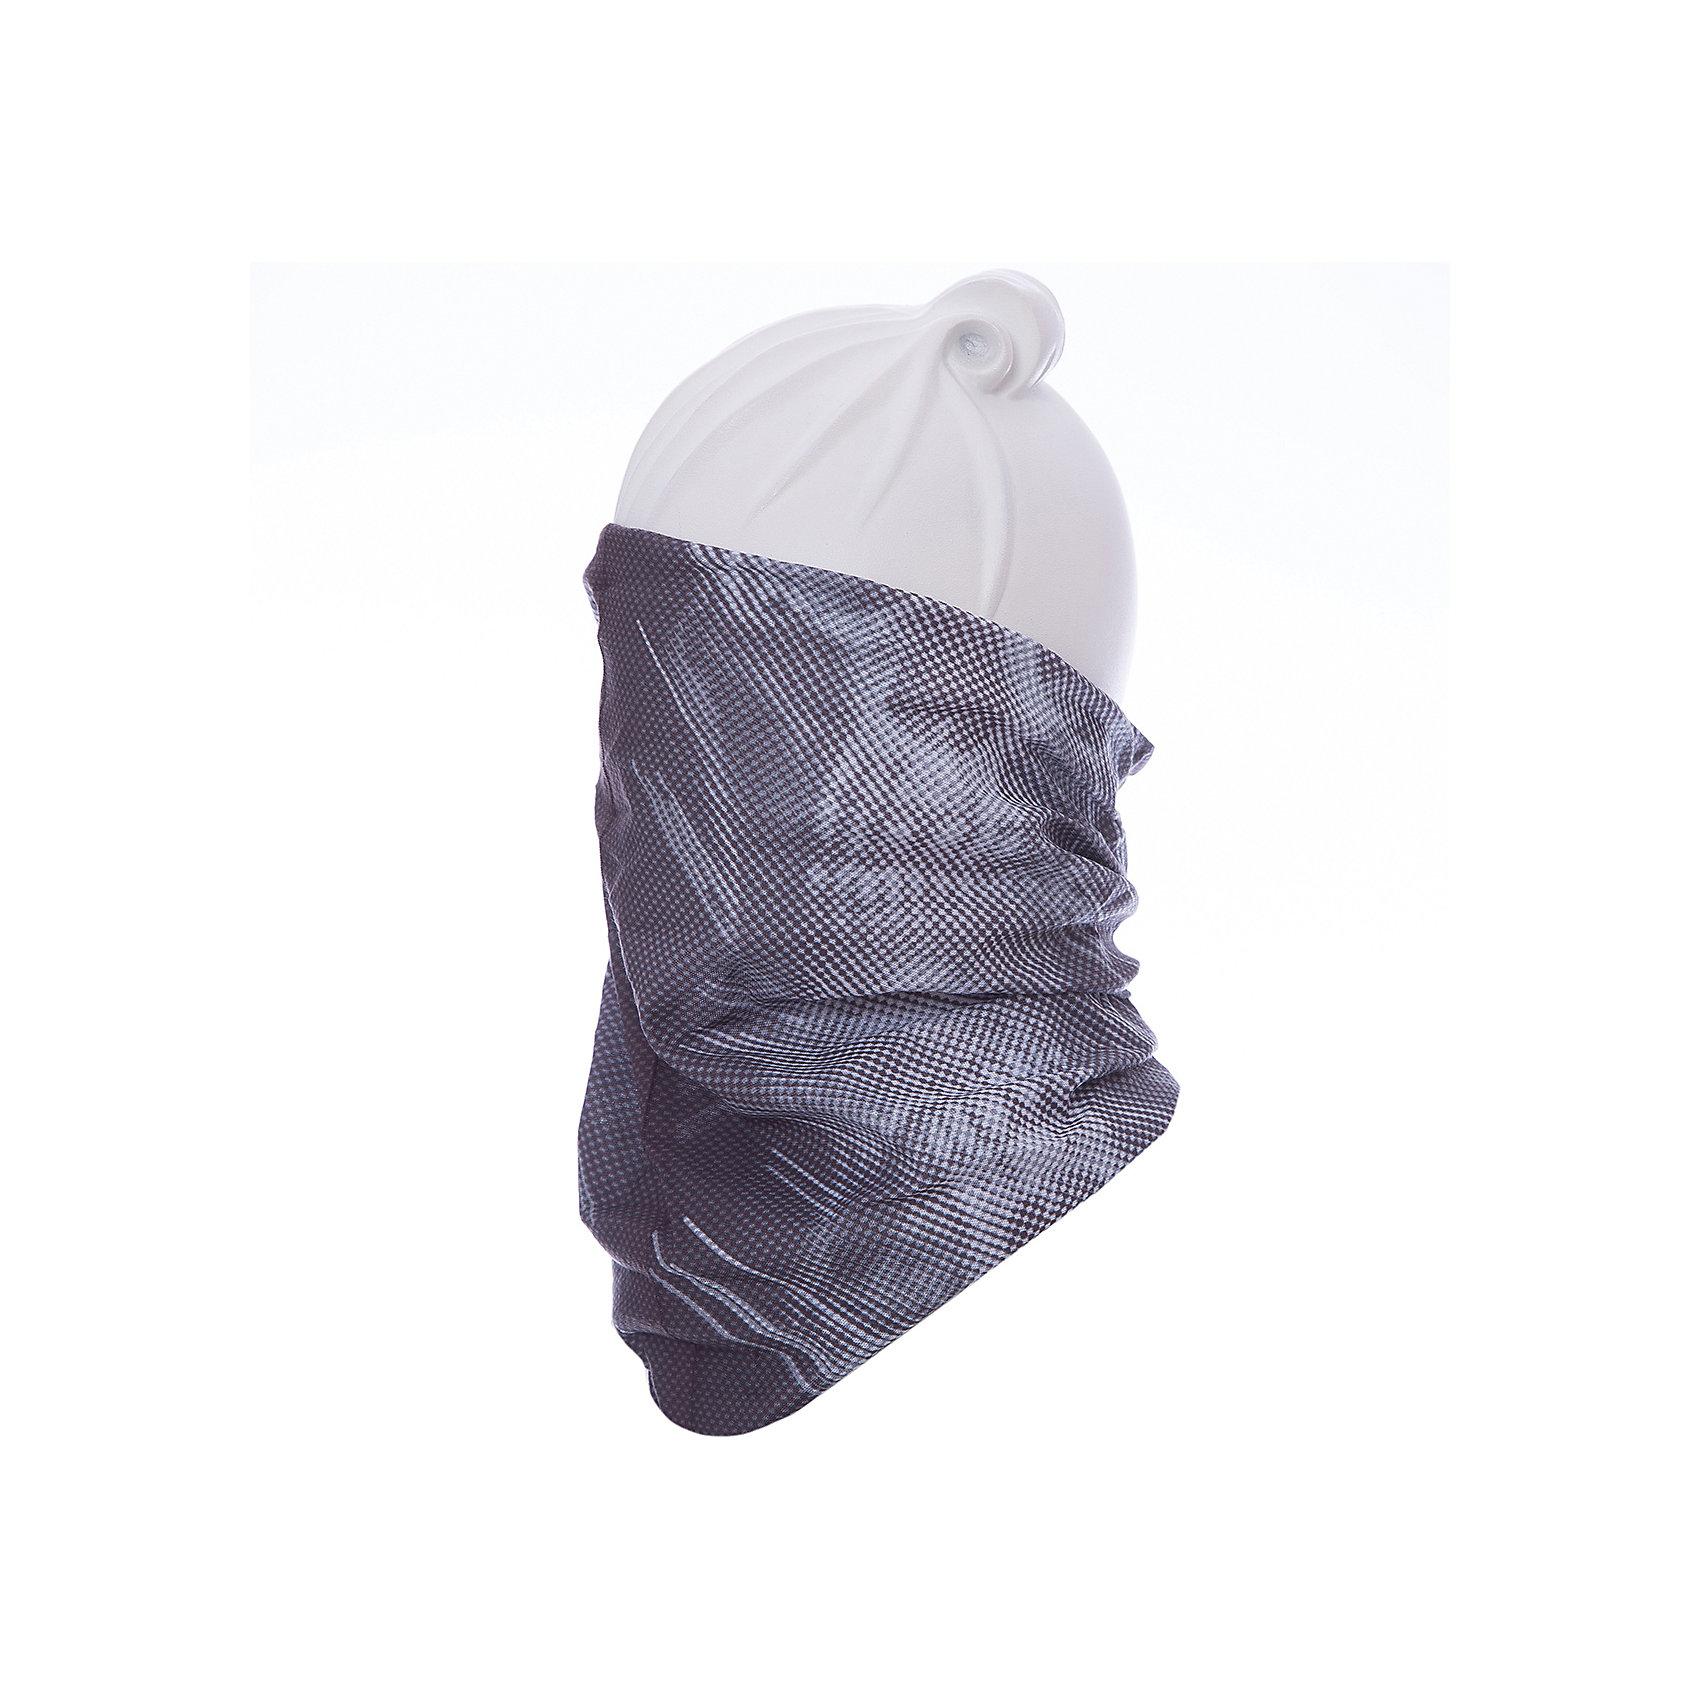 Бандана BUFFБандана BUFF <br>Бесшовная бандана-труба из специальной серии Original BUFF. Original BUFF - самый популярный универсальный головной убор из всех серий. <br><br>Сделан из микрофибры - защищает от ветра, пыли, влаги и ультрафиолета. Контролирует микроклимат в холодную и теплую погоду, отводит влагу. Ткань обработана ионами серебра, обеспечивающими длительный антибактериальный эффект и предотвращающими появление запаха. Допускается машинная и ручная стирка при 30-40градусах. Материал не теряет цвет и эластичность, не требует глажки. <br><br>Original BUFF можно носить на шее и на голове, как шейный платок, маску, бандану, шапку и подшлемник. <br><br>Свойства материала позволяют использовать бандану Original BUFF в любое время года, при занятиях любым видом спорта, активного отдыха, туризма или рыбалки.<br>Состав:<br>Полиэстер 100%<br><br>Ширина мм: 89<br>Глубина мм: 117<br>Высота мм: 44<br>Вес г: 155<br>Цвет: черный<br>Возраст от месяцев: 84<br>Возраст до месяцев: 1188<br>Пол: Унисекс<br>Возраст: Детский<br>Размер: one size<br>SKU: 5568755